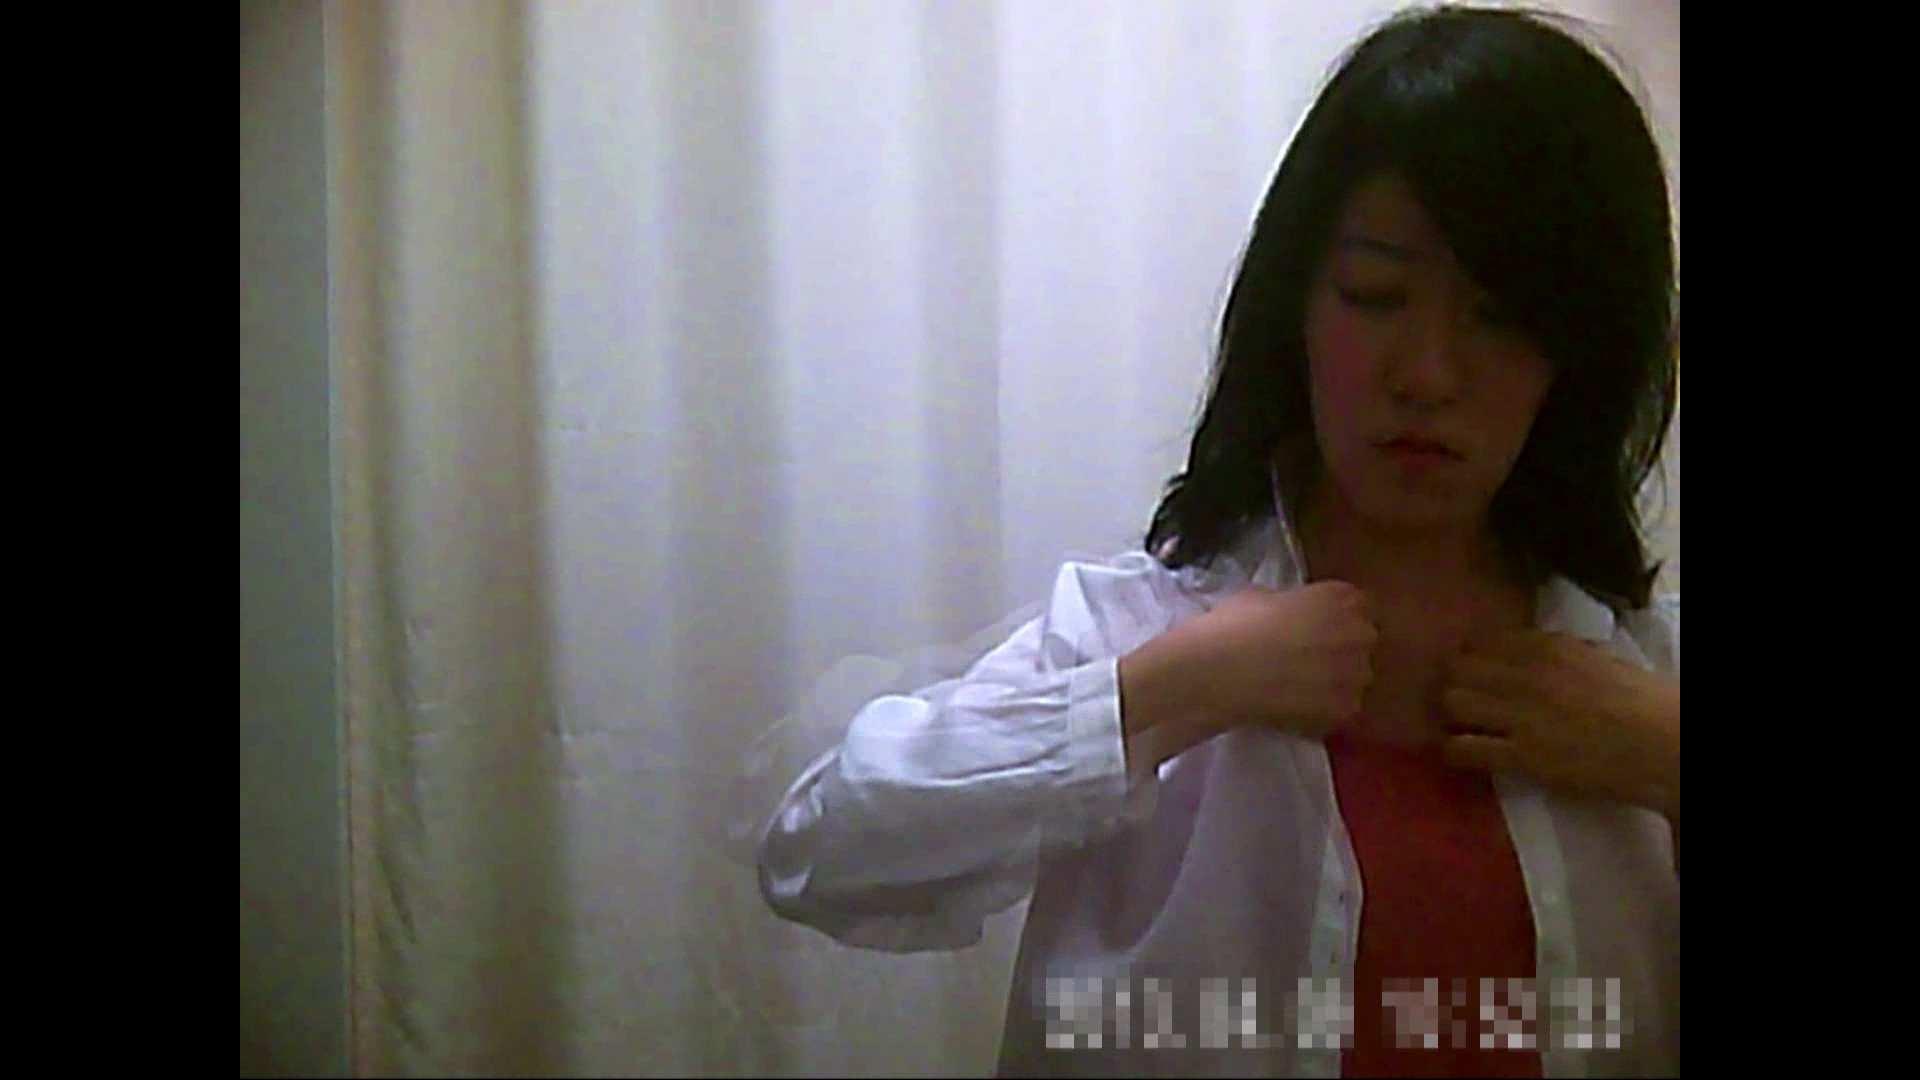 病院おもいっきり着替え! vol.199 巨乳 おまんこ無修正動画無料 96pic 12